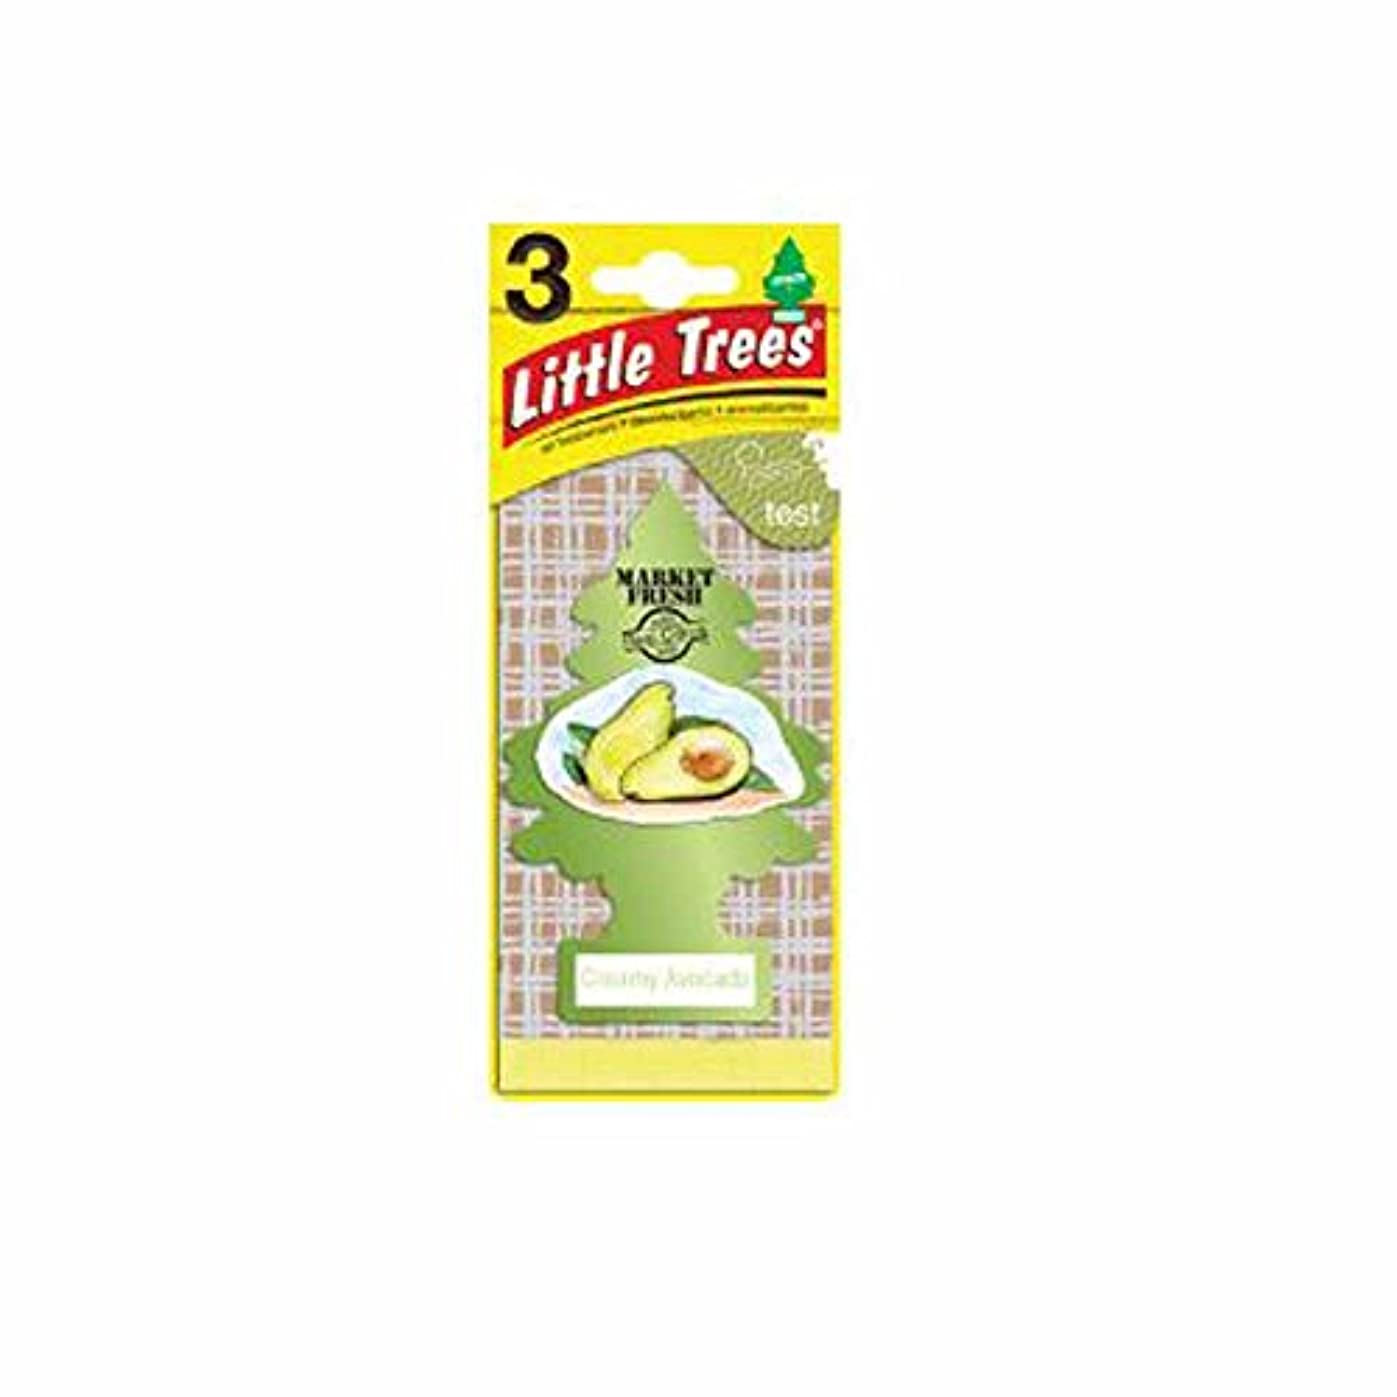 性格温度下にLittle Trees 吊下げタイプ エアーフレッシュナー creamy avocado(クリーミーアボカド) 3枚セット(3P) U3S-37340